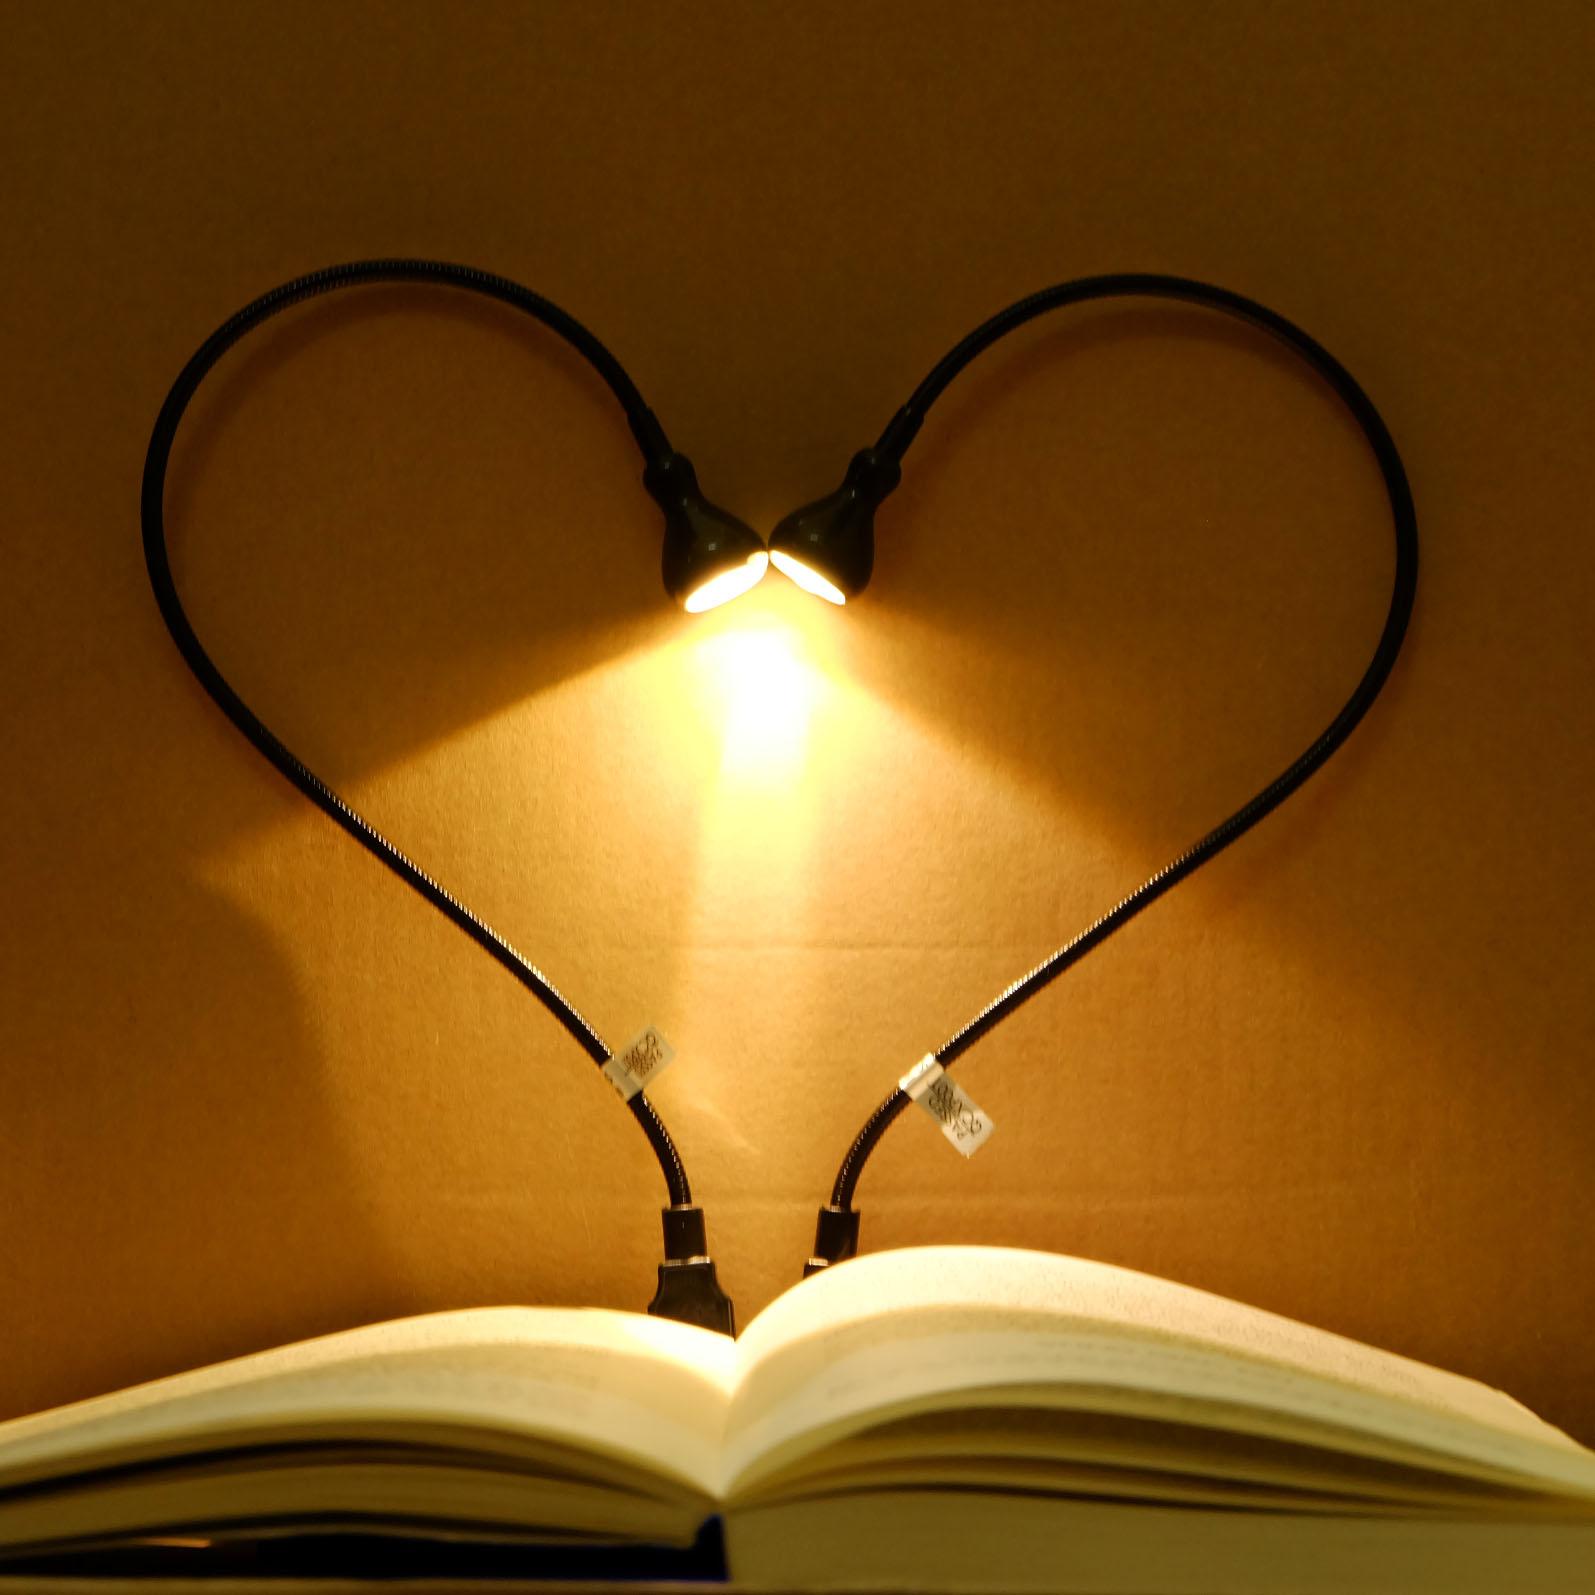 N c s ch b t i ikea jansjo favorlamp - Lamparas para leer libros ...